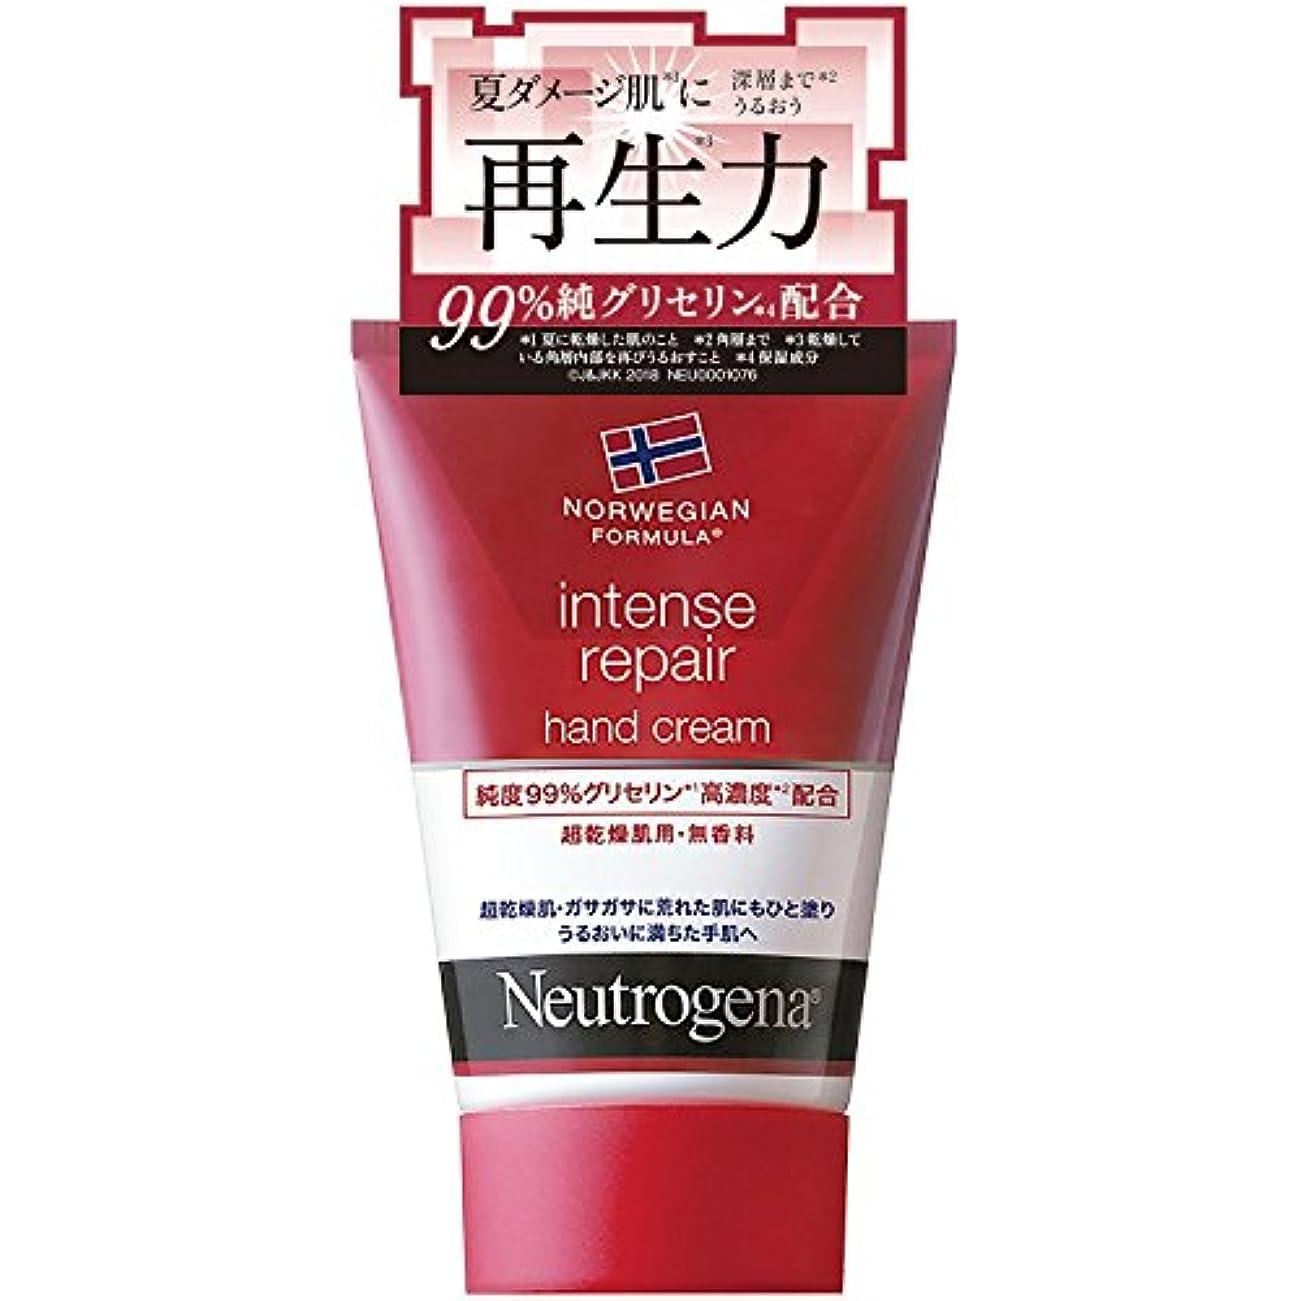 バージンねじれクレジットNeutrogena(ニュートロジーナ) ノルウェーフォーミュラ インテンスリペア ハンドクリーム 超乾燥肌用 無香料 単品 50g